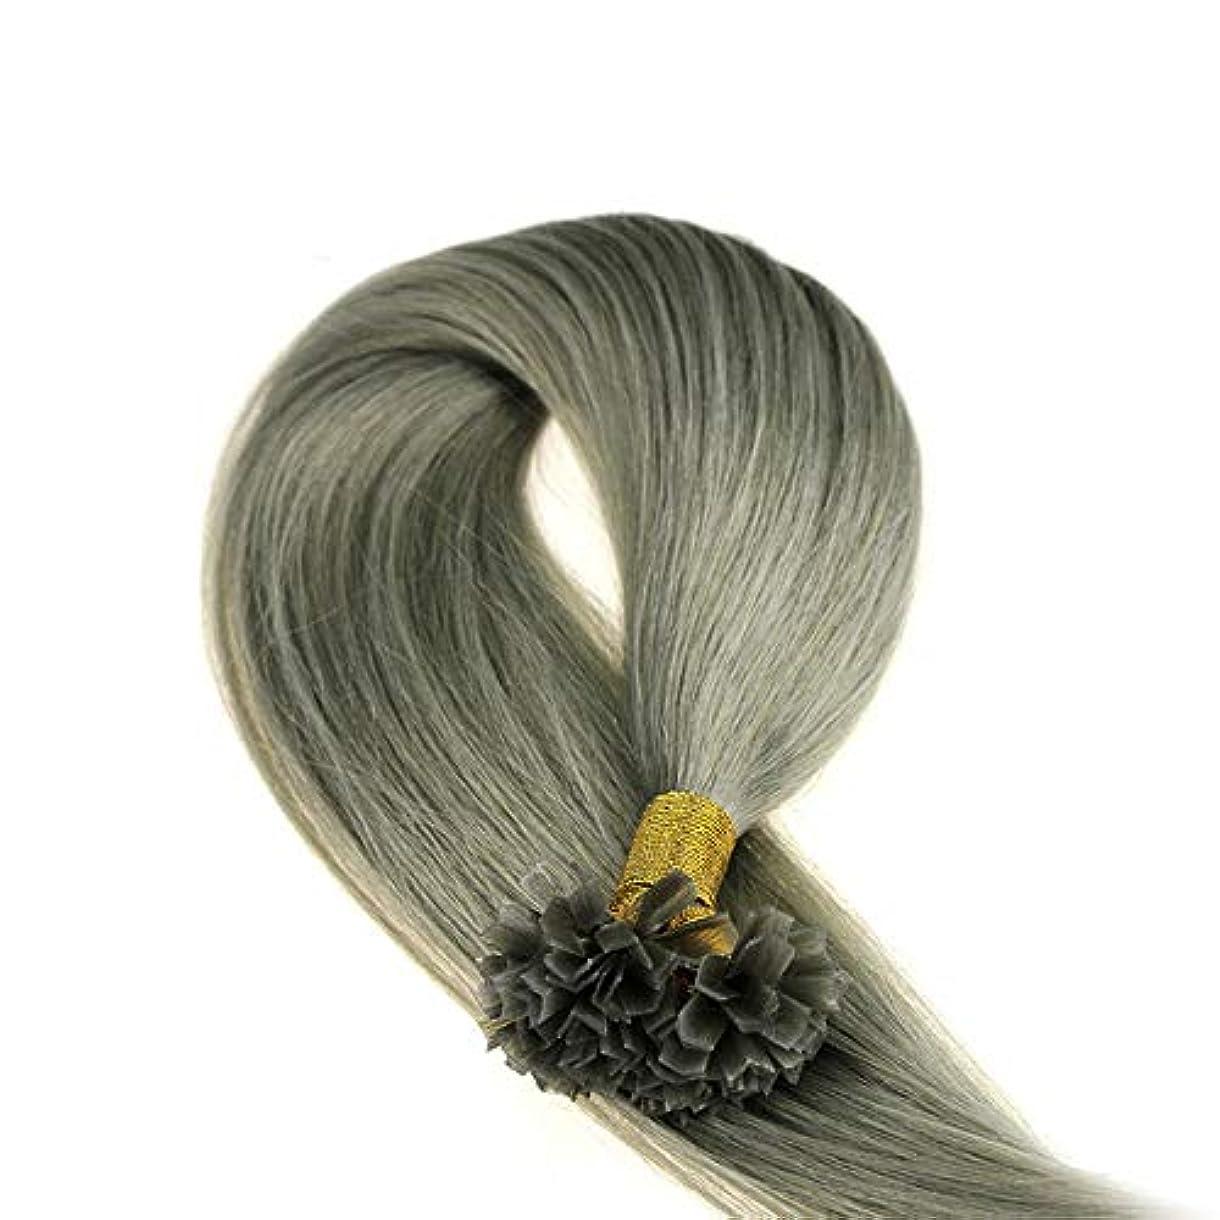 階段夏有望WASAIO ヘアエクステンションクリップUnseamed髪型交換ミックスグレー色のデュアル人間の髪を引かれます (色 : グレー, サイズ : 28 inch)